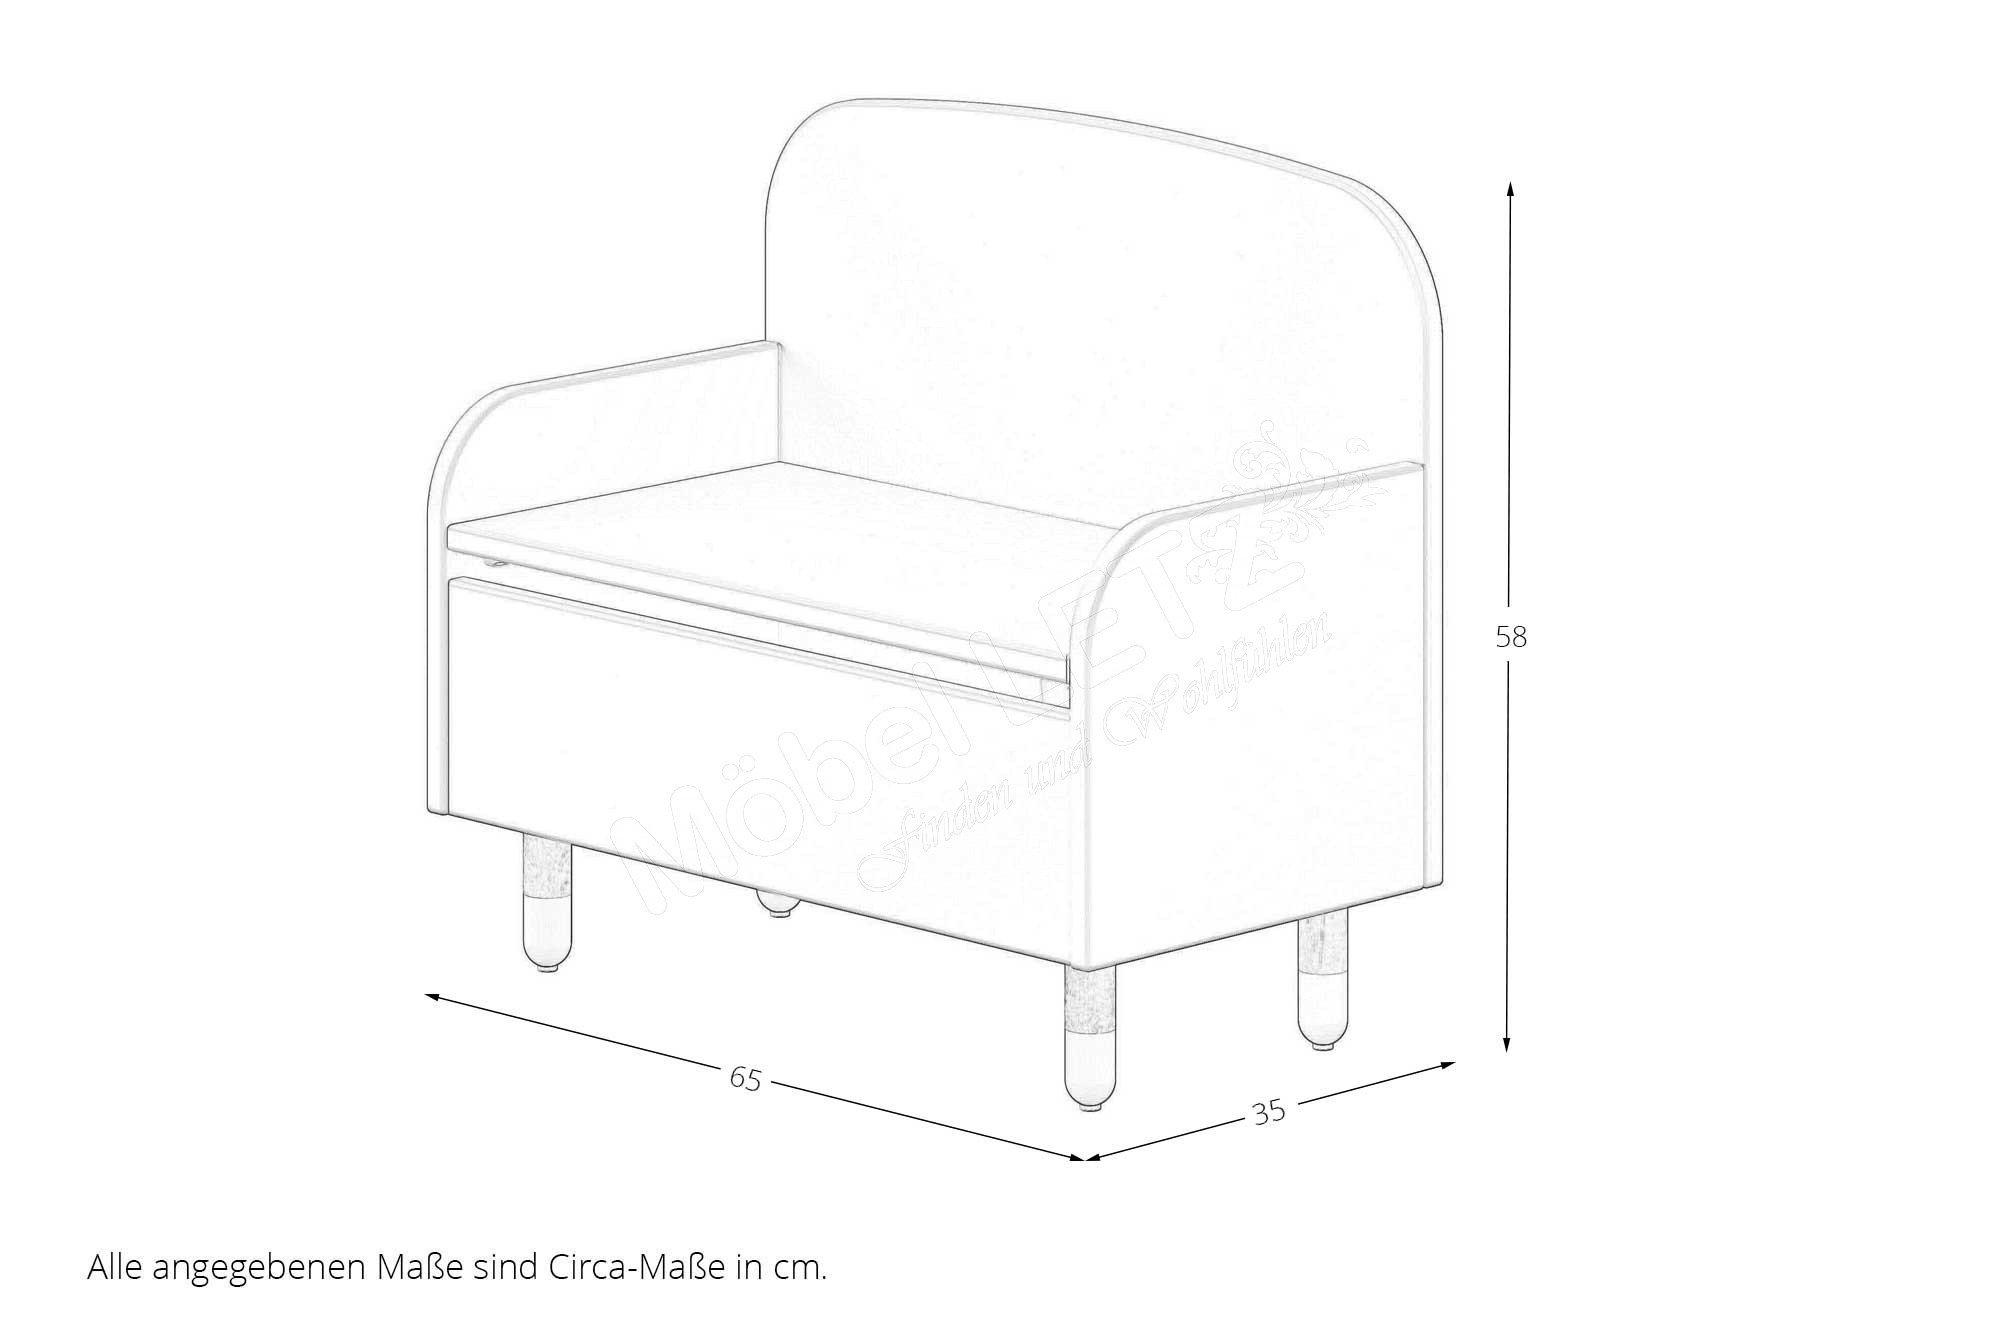 sitzbank f r kinder wicki von skandinavische m bel m bel letz ihr online shop. Black Bedroom Furniture Sets. Home Design Ideas